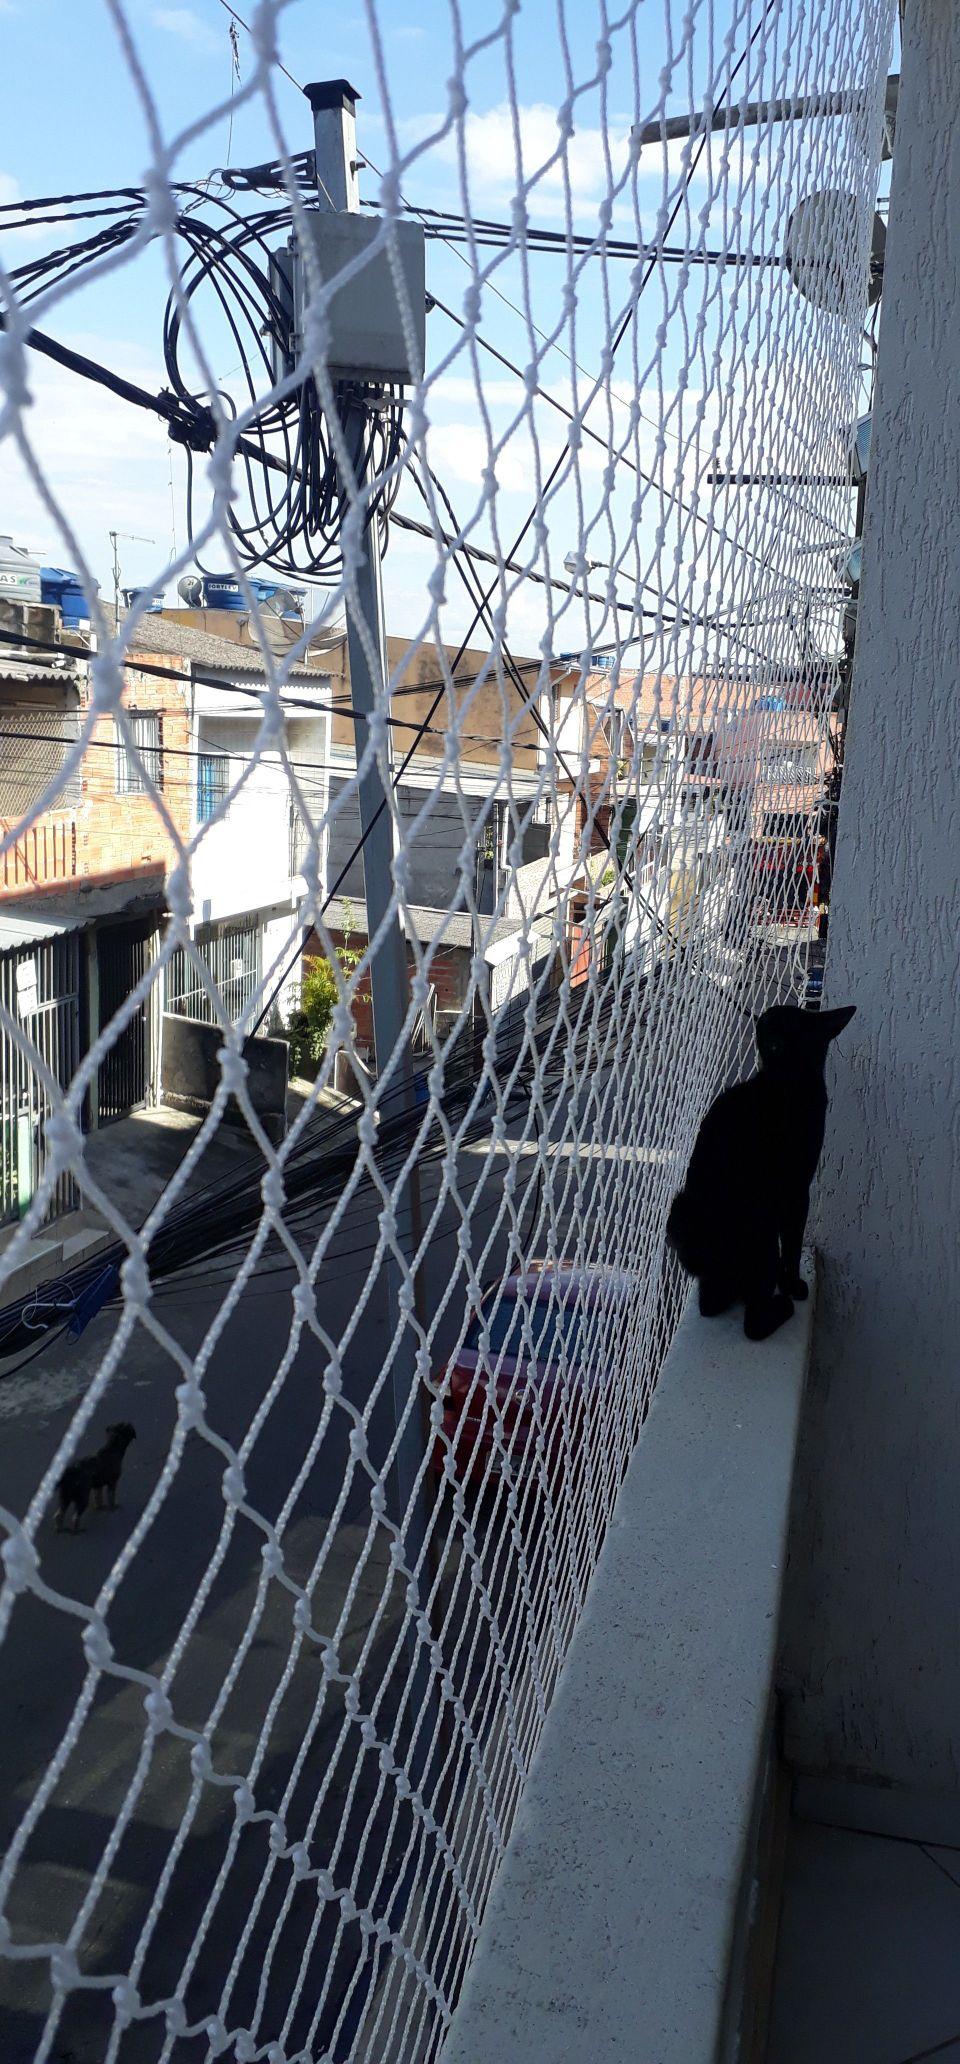 Rede de proteção - Varanda para Gato